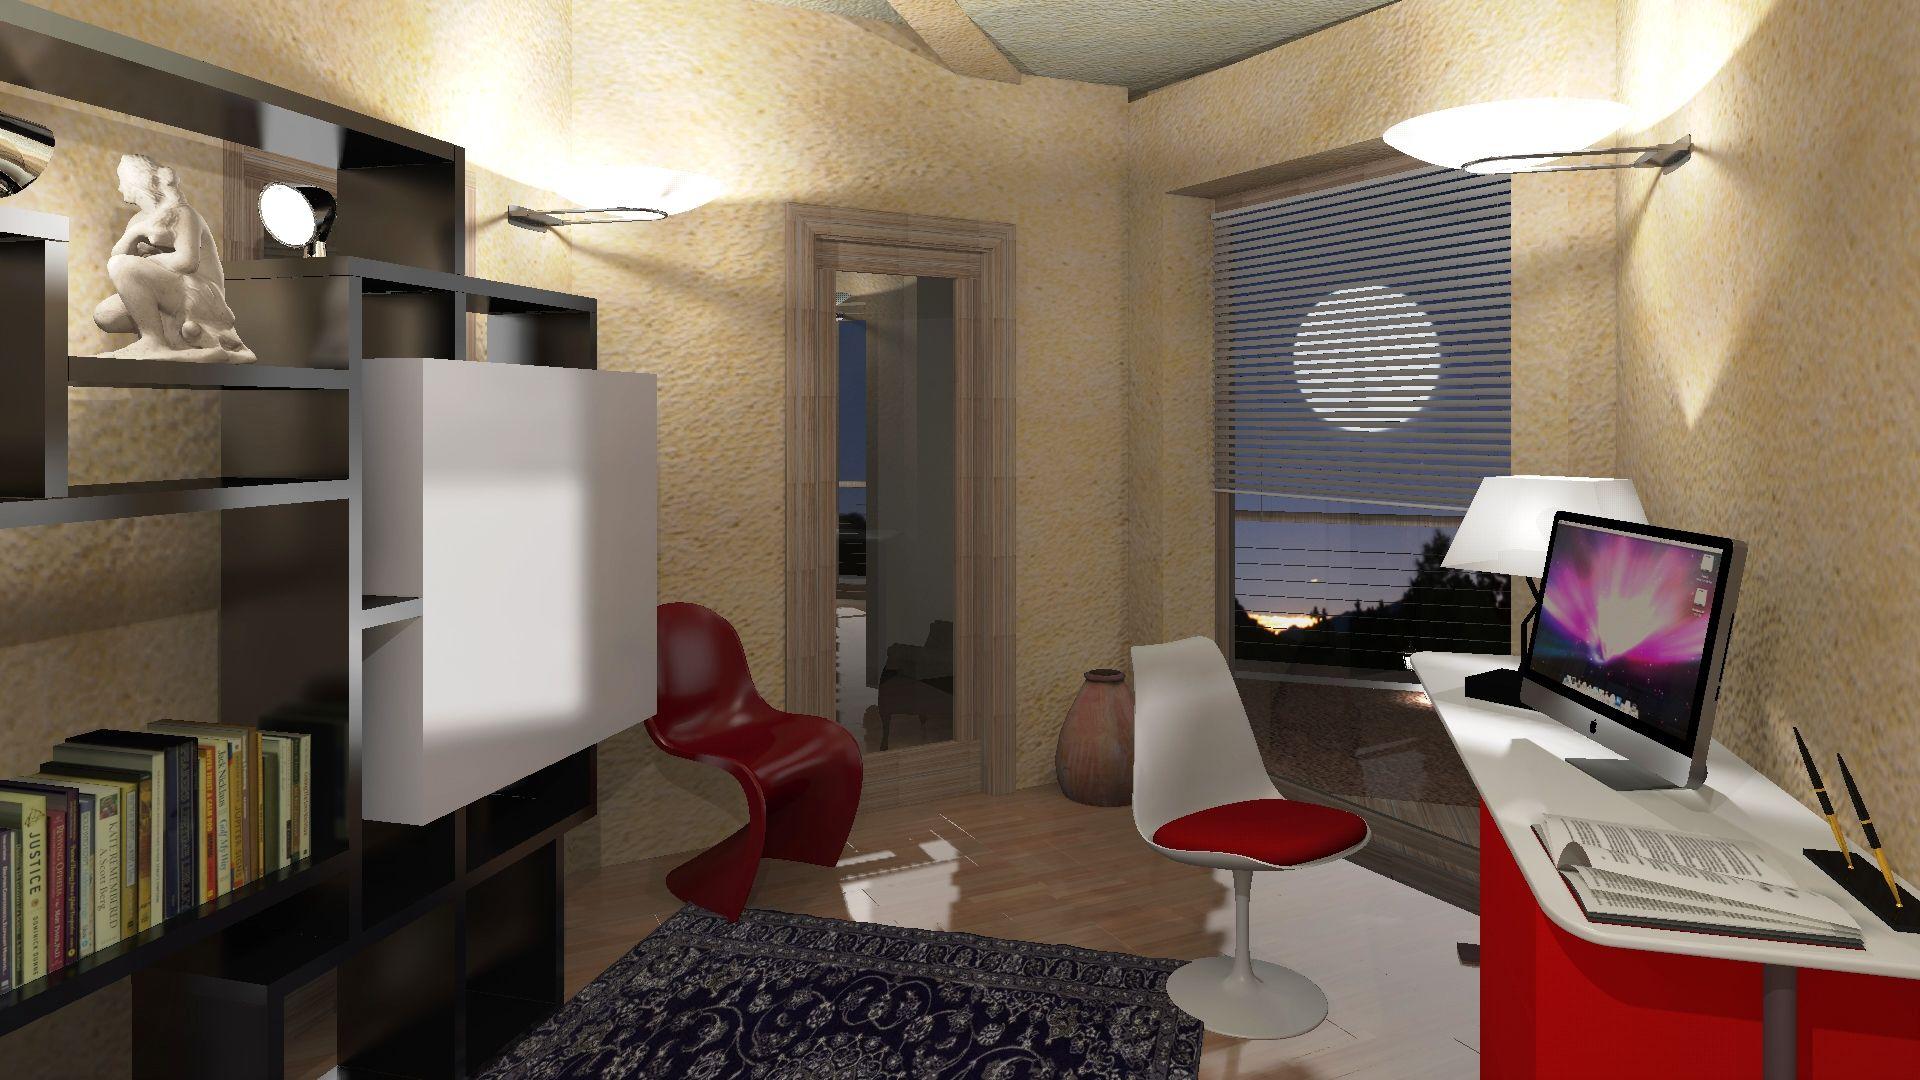 Villa unifamilaire stile moderno lorenzo imperiali for Costruttore di case da sogno virtuale